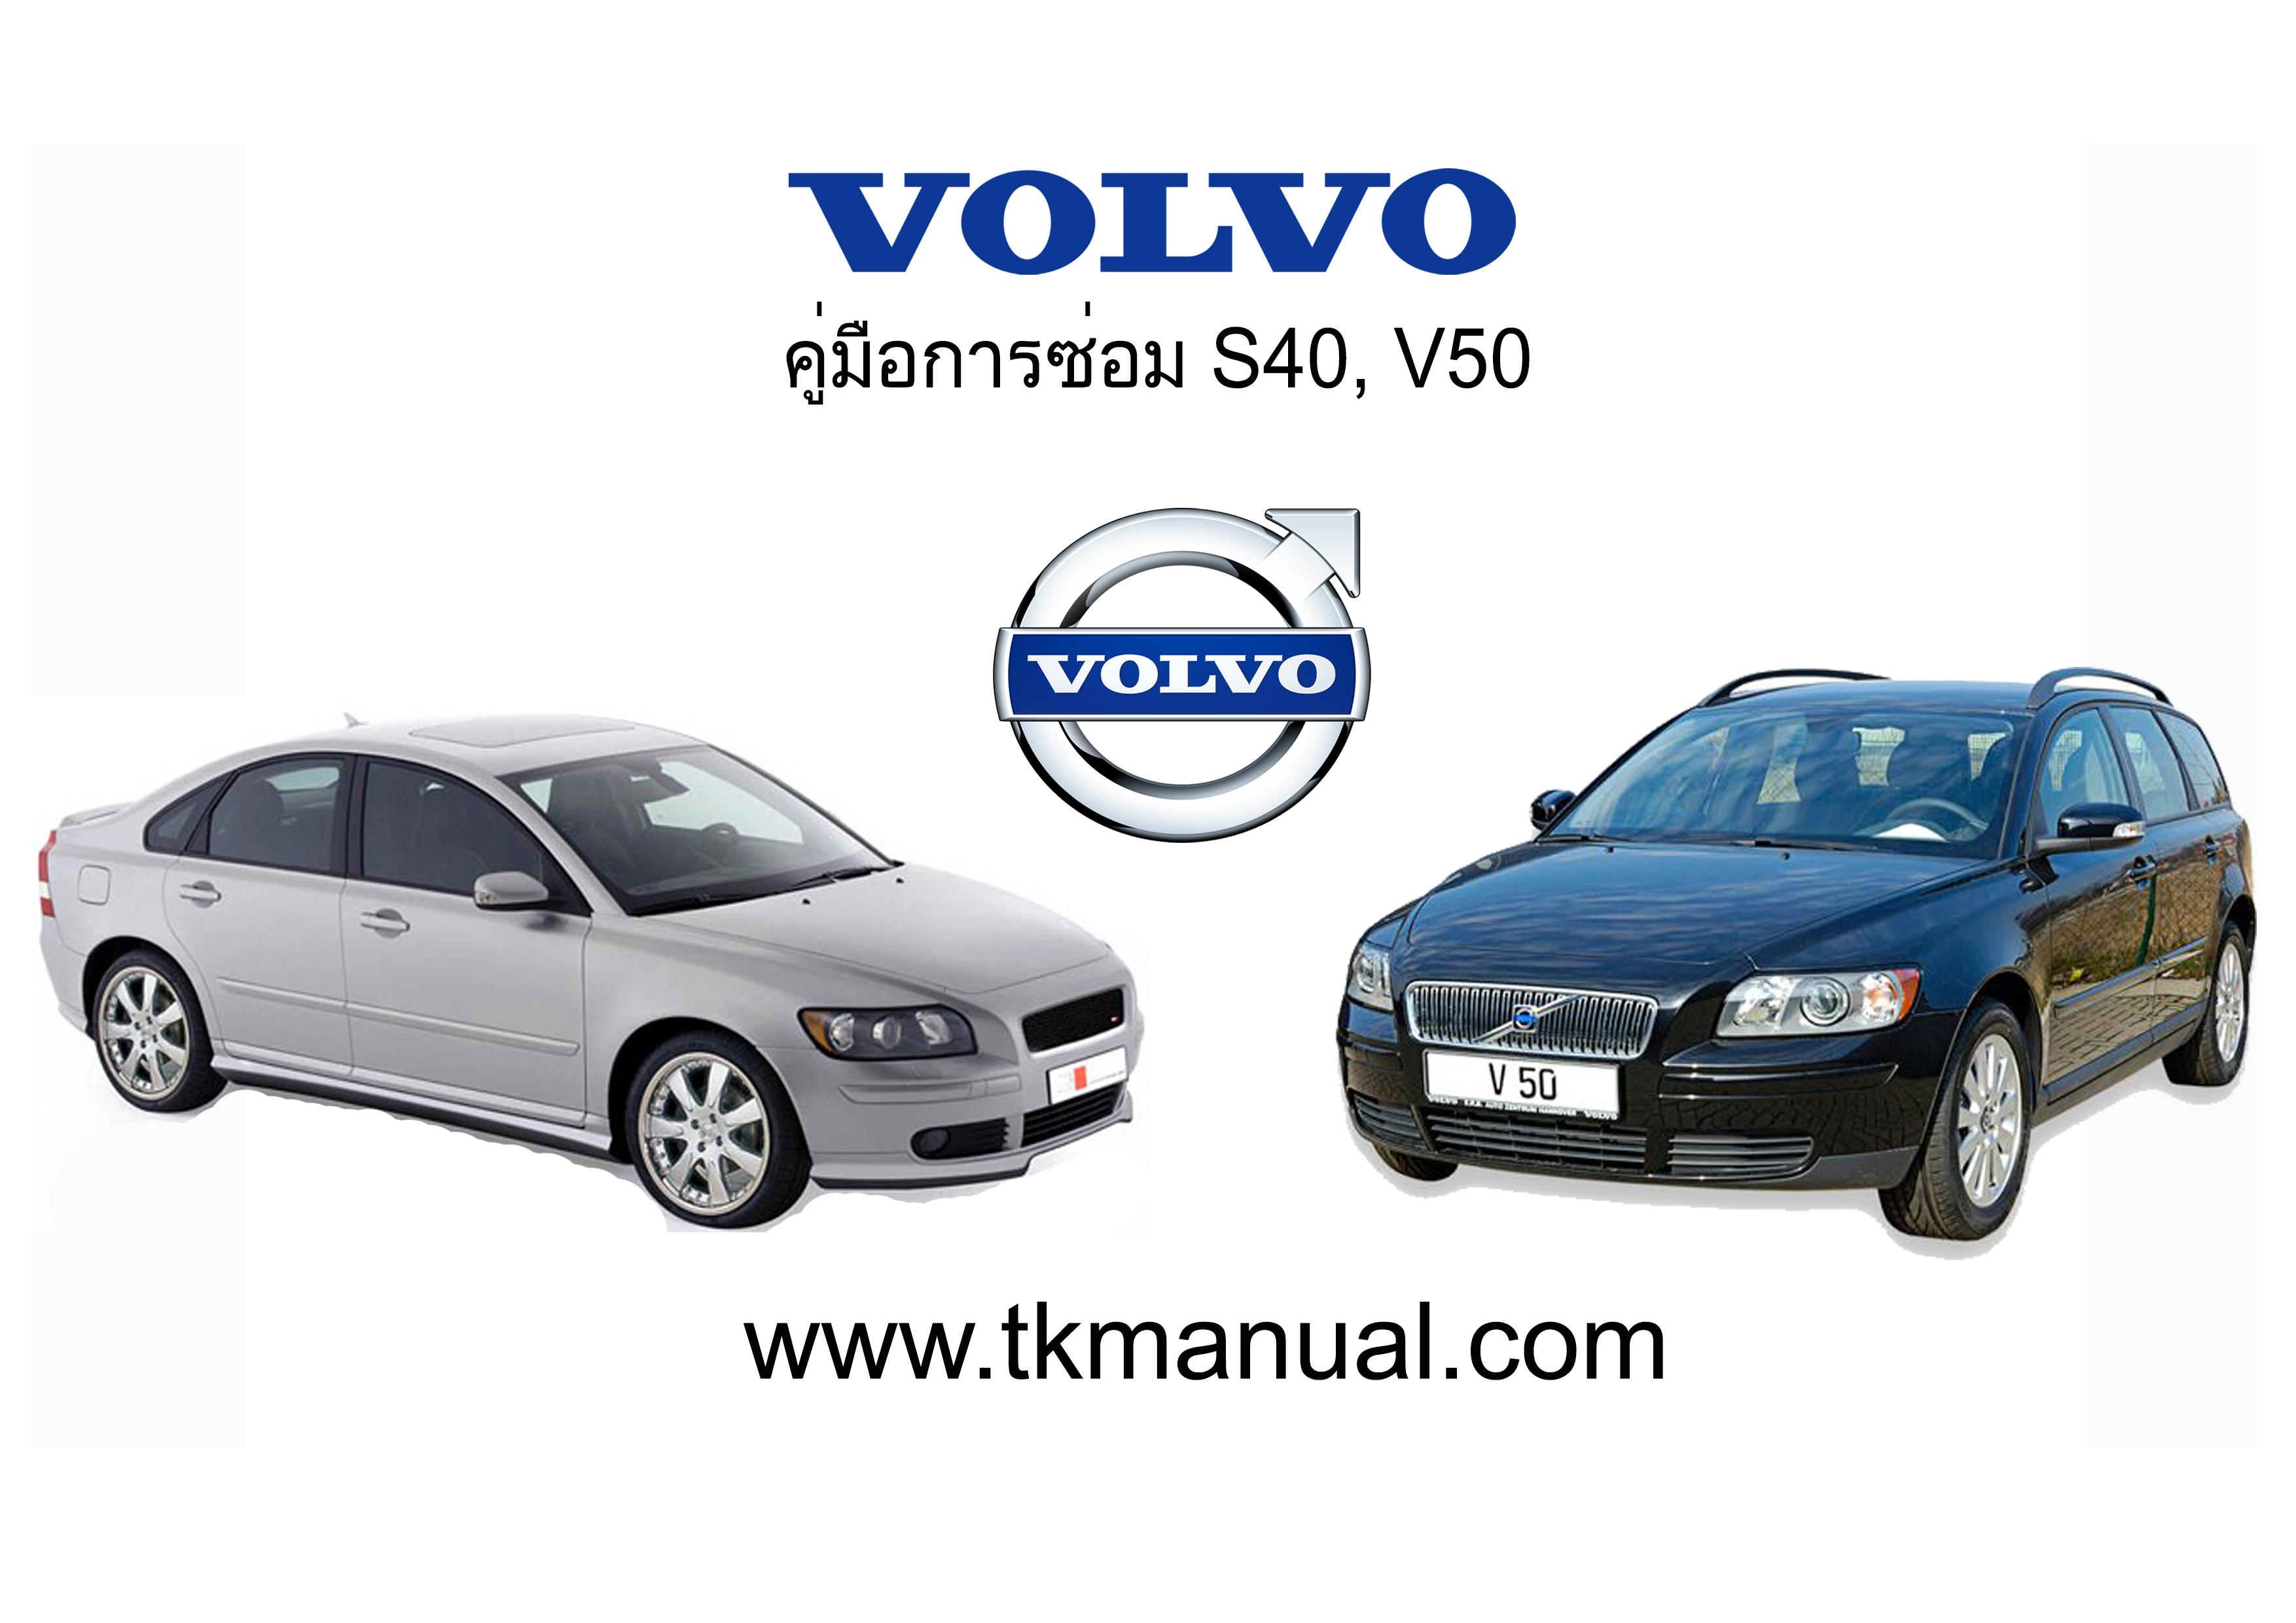 หนังสือคู่มือการซ่อม Volvo S40, V50 ทั้งคัน